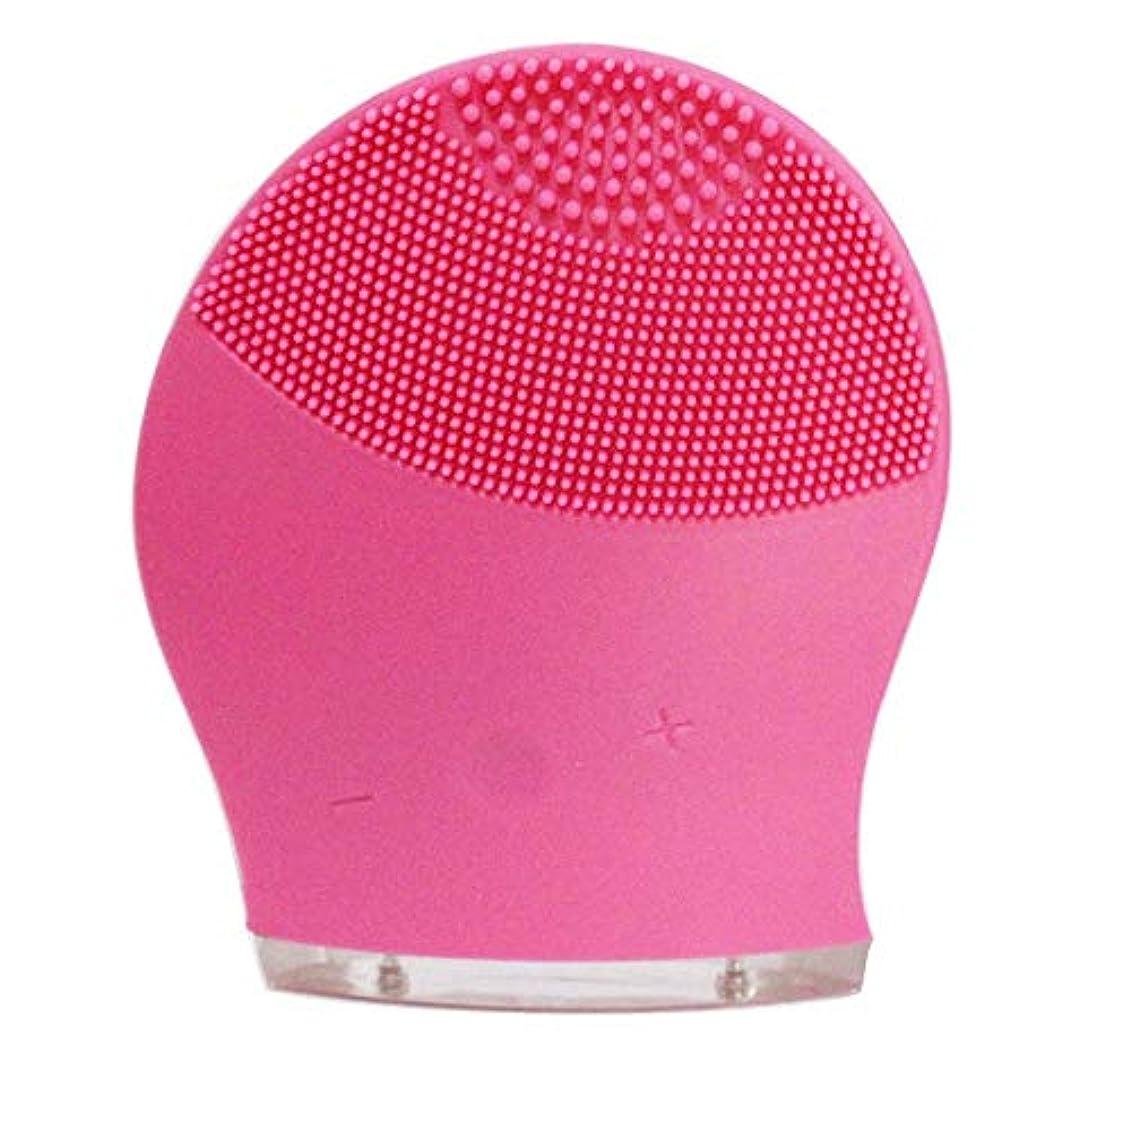 上ずんぐりしたであることZXF 新電気洗浄器シリコーン洗浄器超音波振動洗浄ブラシUSB充電毛穴洗浄 滑らかである (色 : Red)